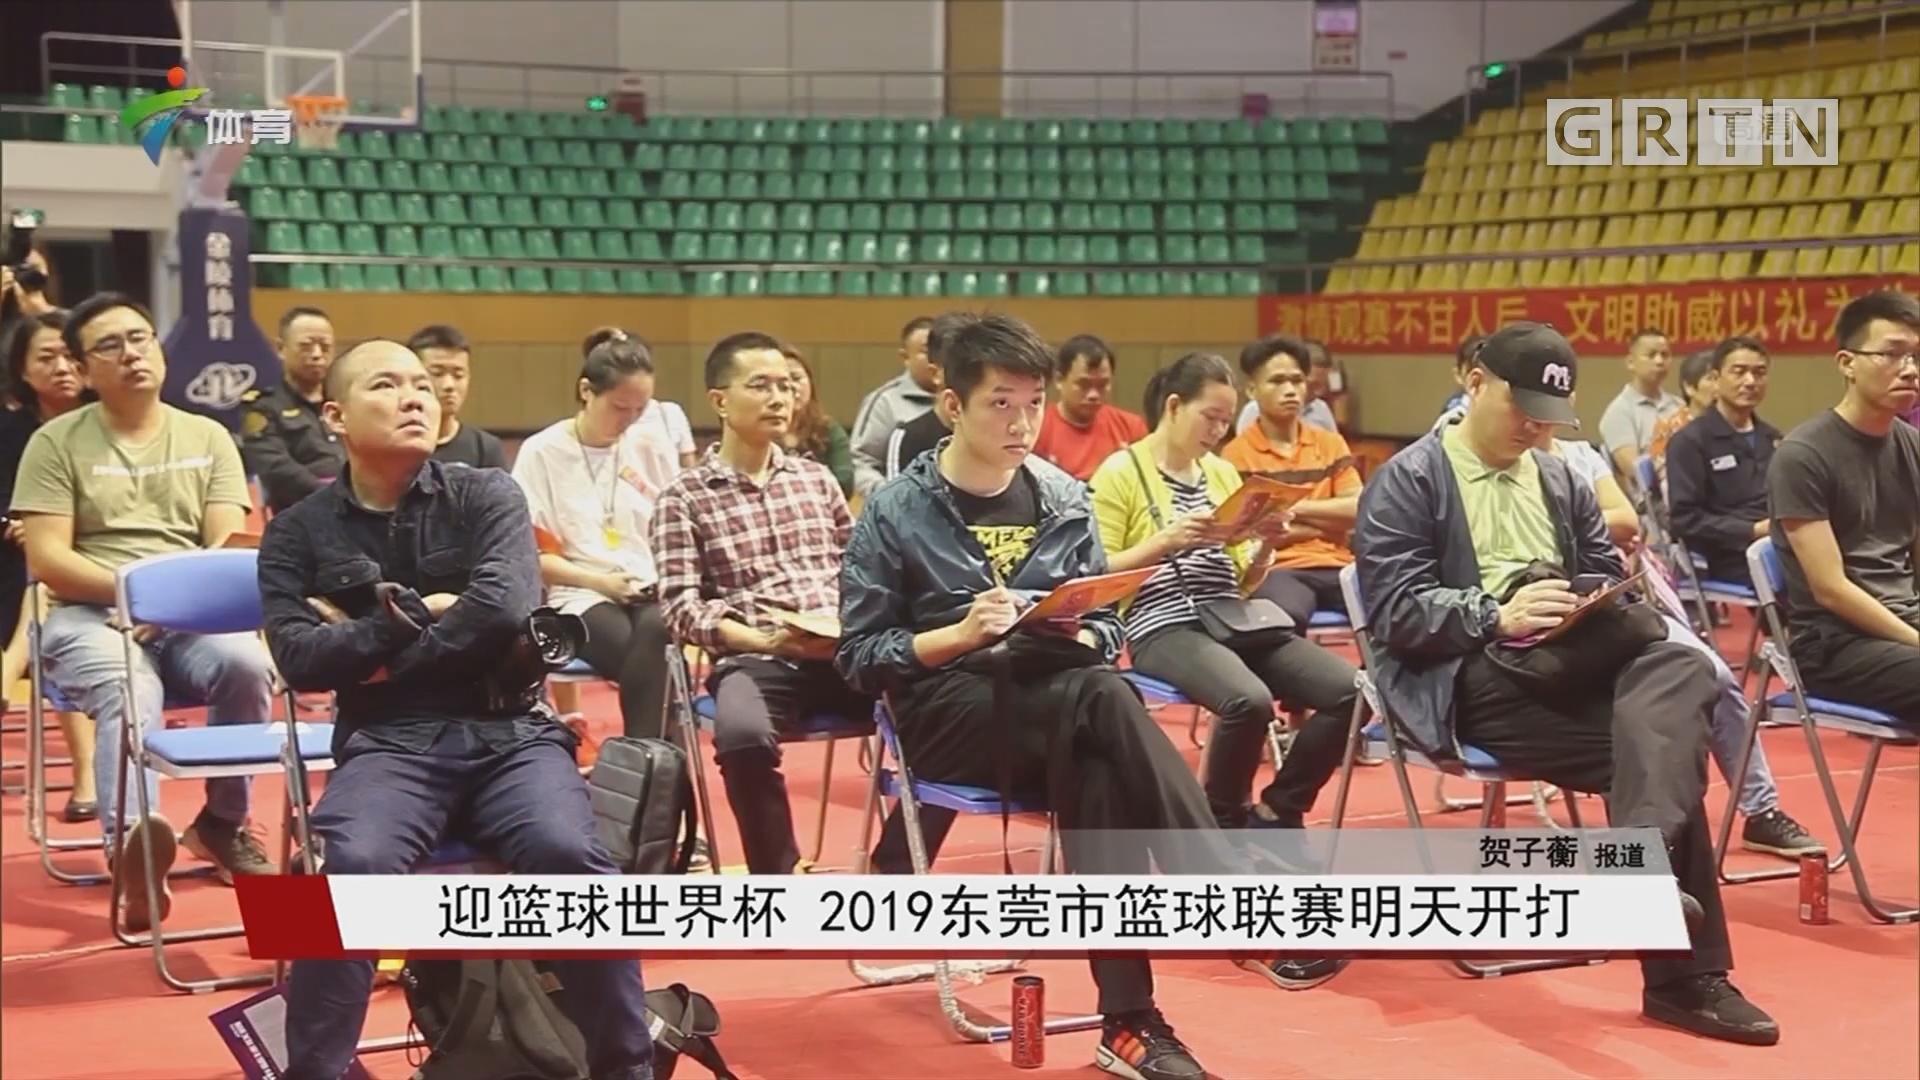 迎篮球世界杯 2019东莞市篮球联赛明天开打